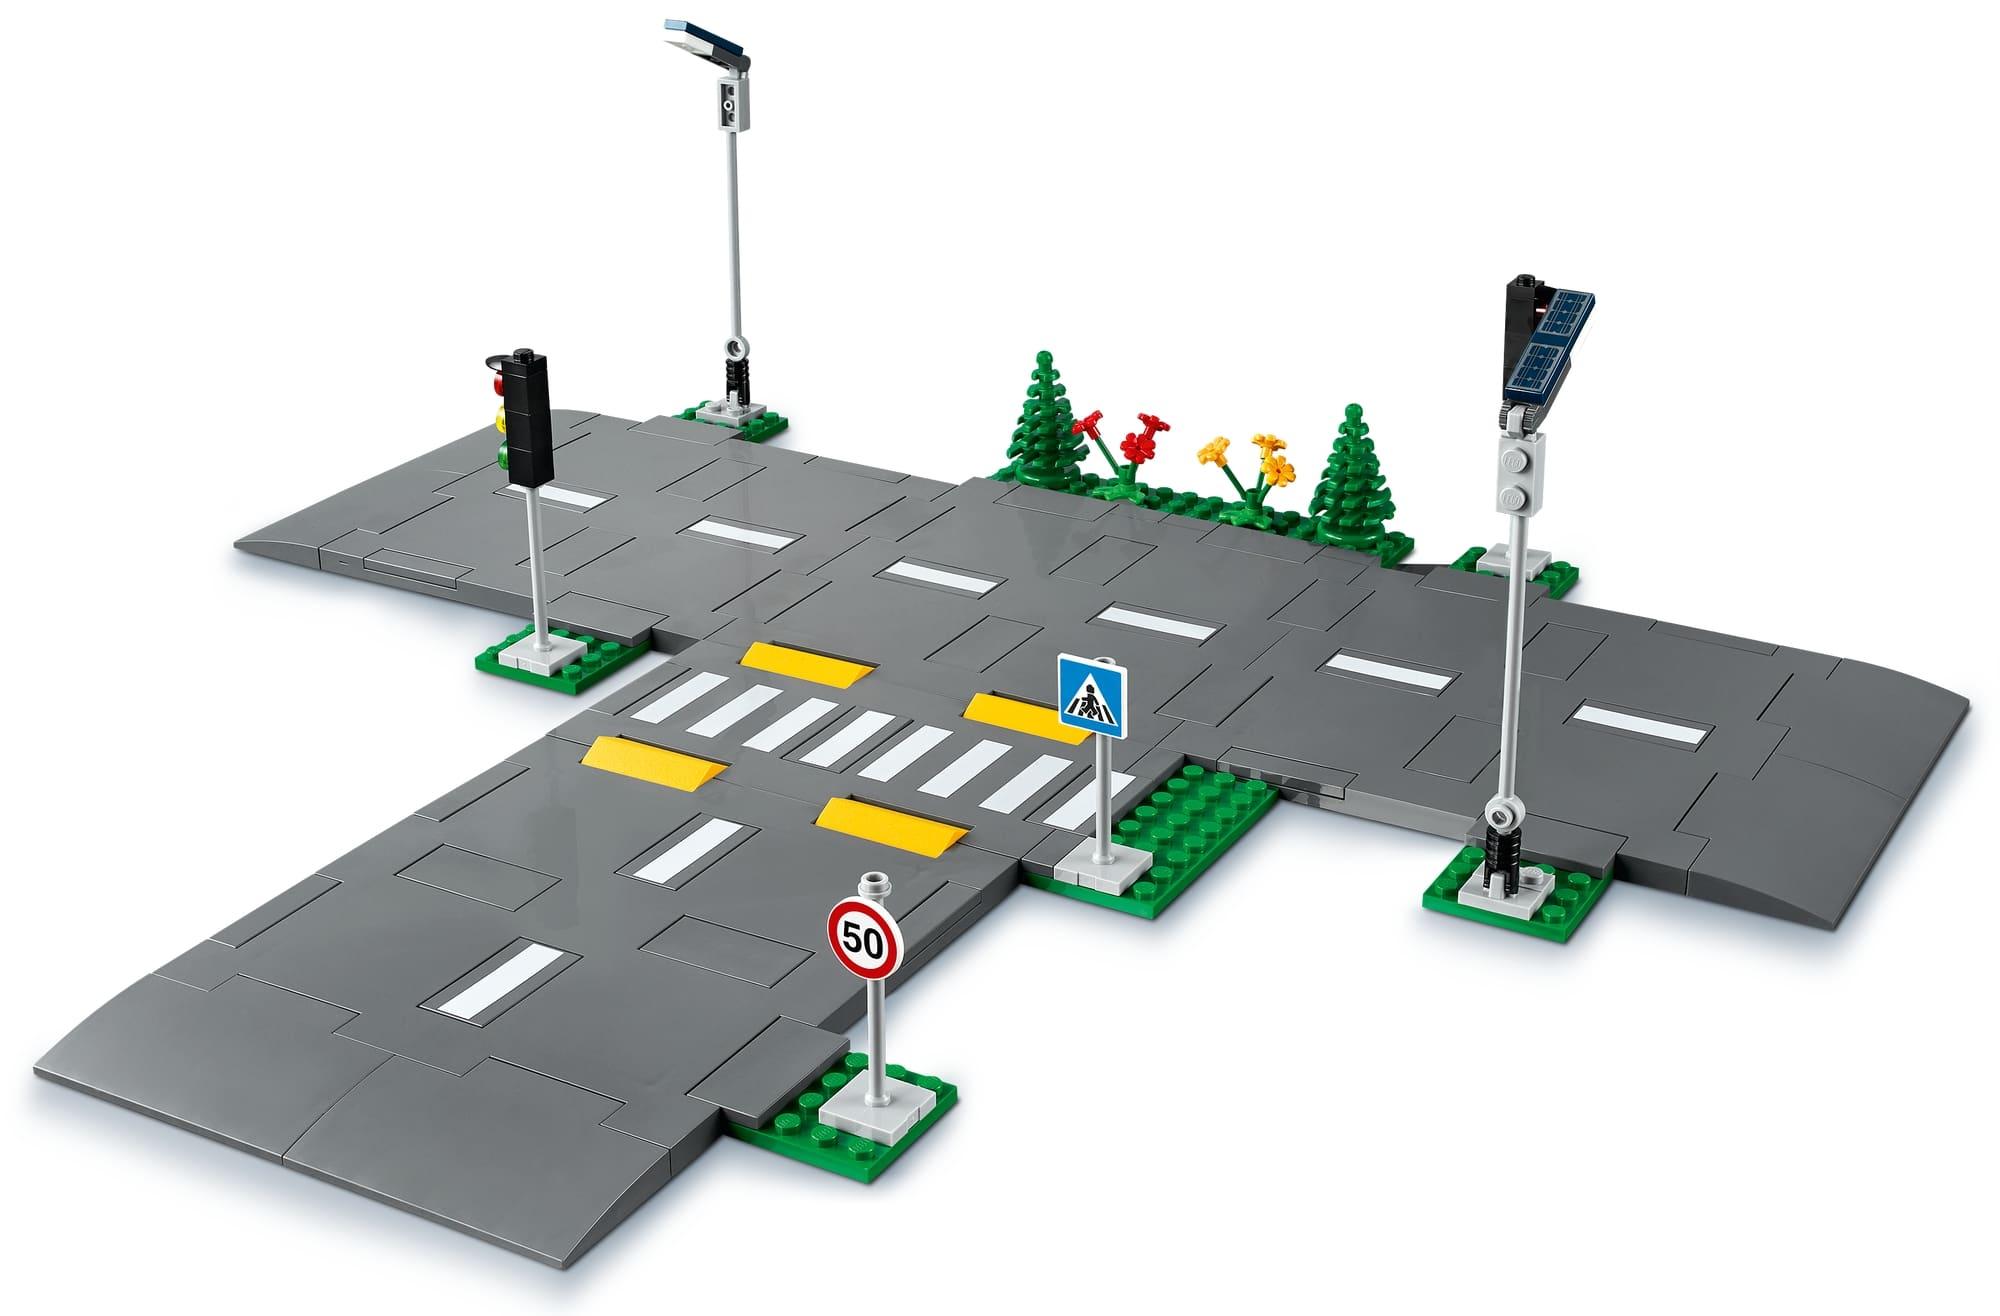 LEGO City 60304 Straßenkreuzung Mit Ampeln (5)